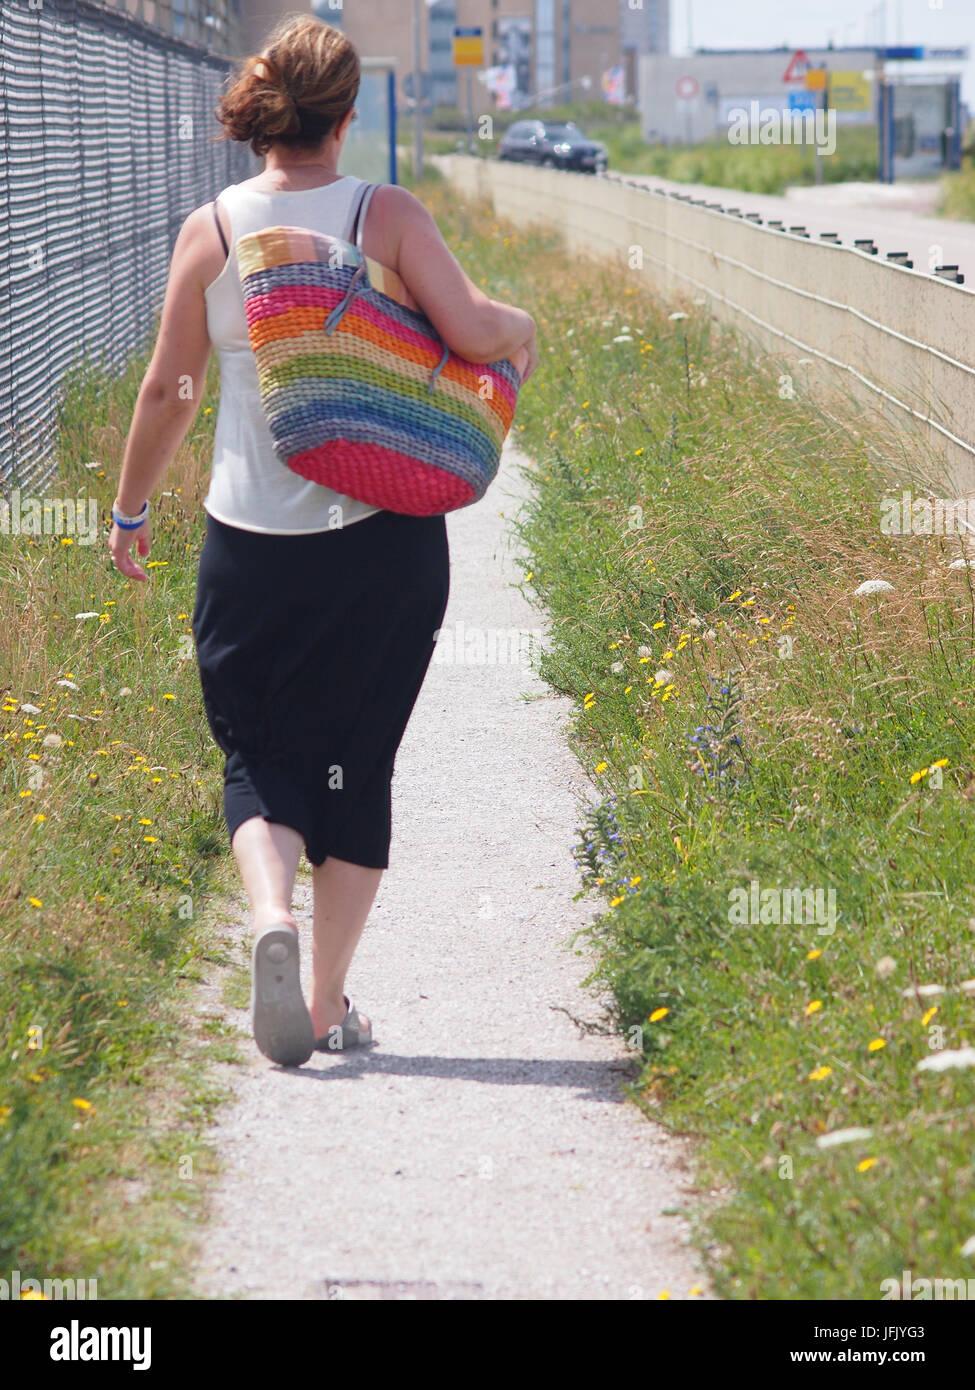 Mujer vistiendo una falda negra y top blanco caminando por un sendero costero con una gran stripey, colorista bolsa Imagen De Stock